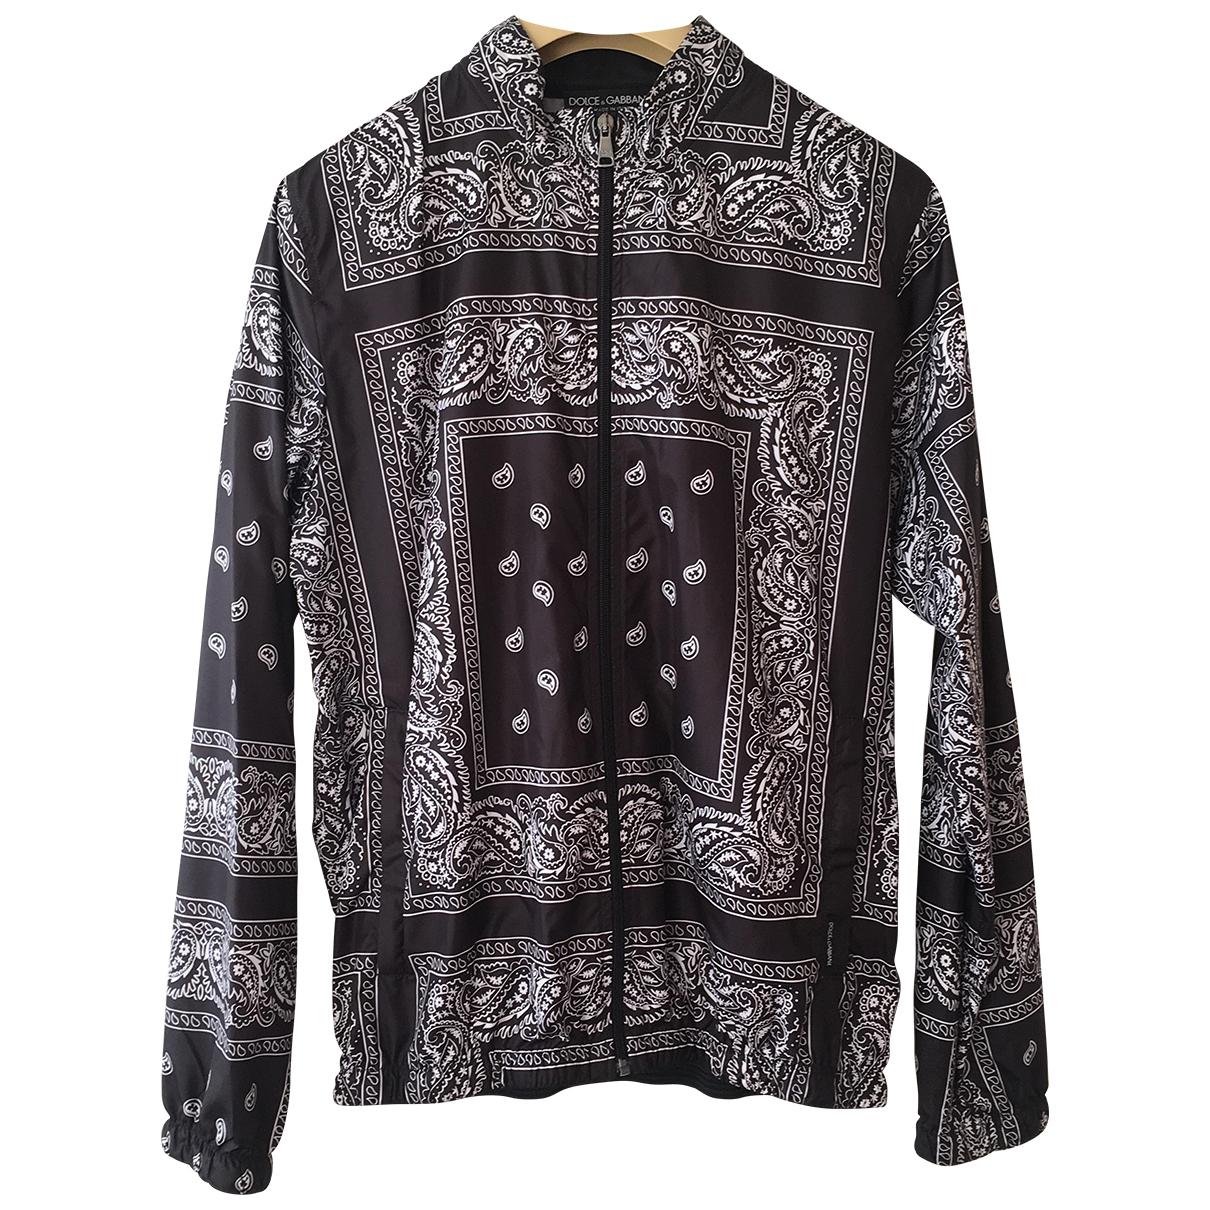 Dolce & Gabbana \N Black jacket  for Men 52 IT